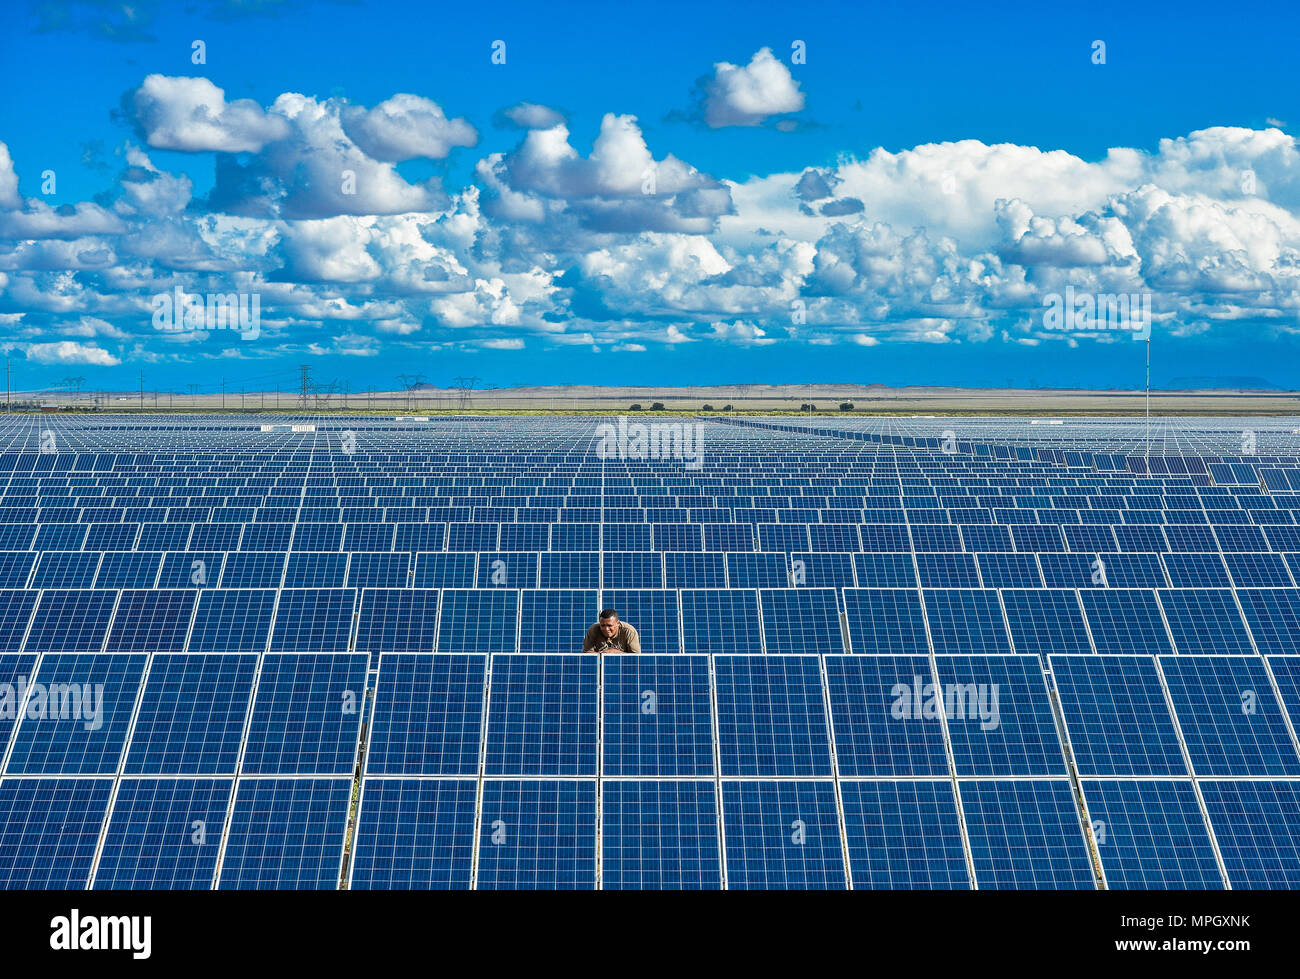 Un homme vérifie les panneaux solaires sur une ferme solaire en Afrique du Sud Photo Stock